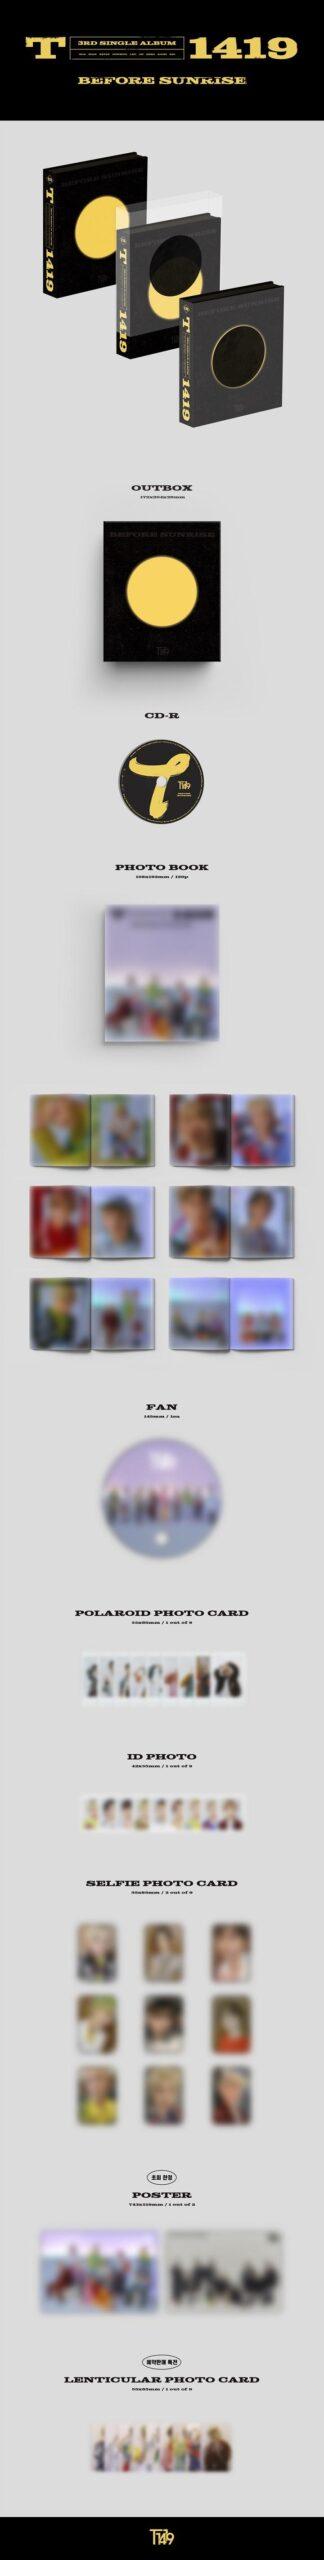 3rd Single Album de T1419 BEFORE SUNRISE PART.3 1